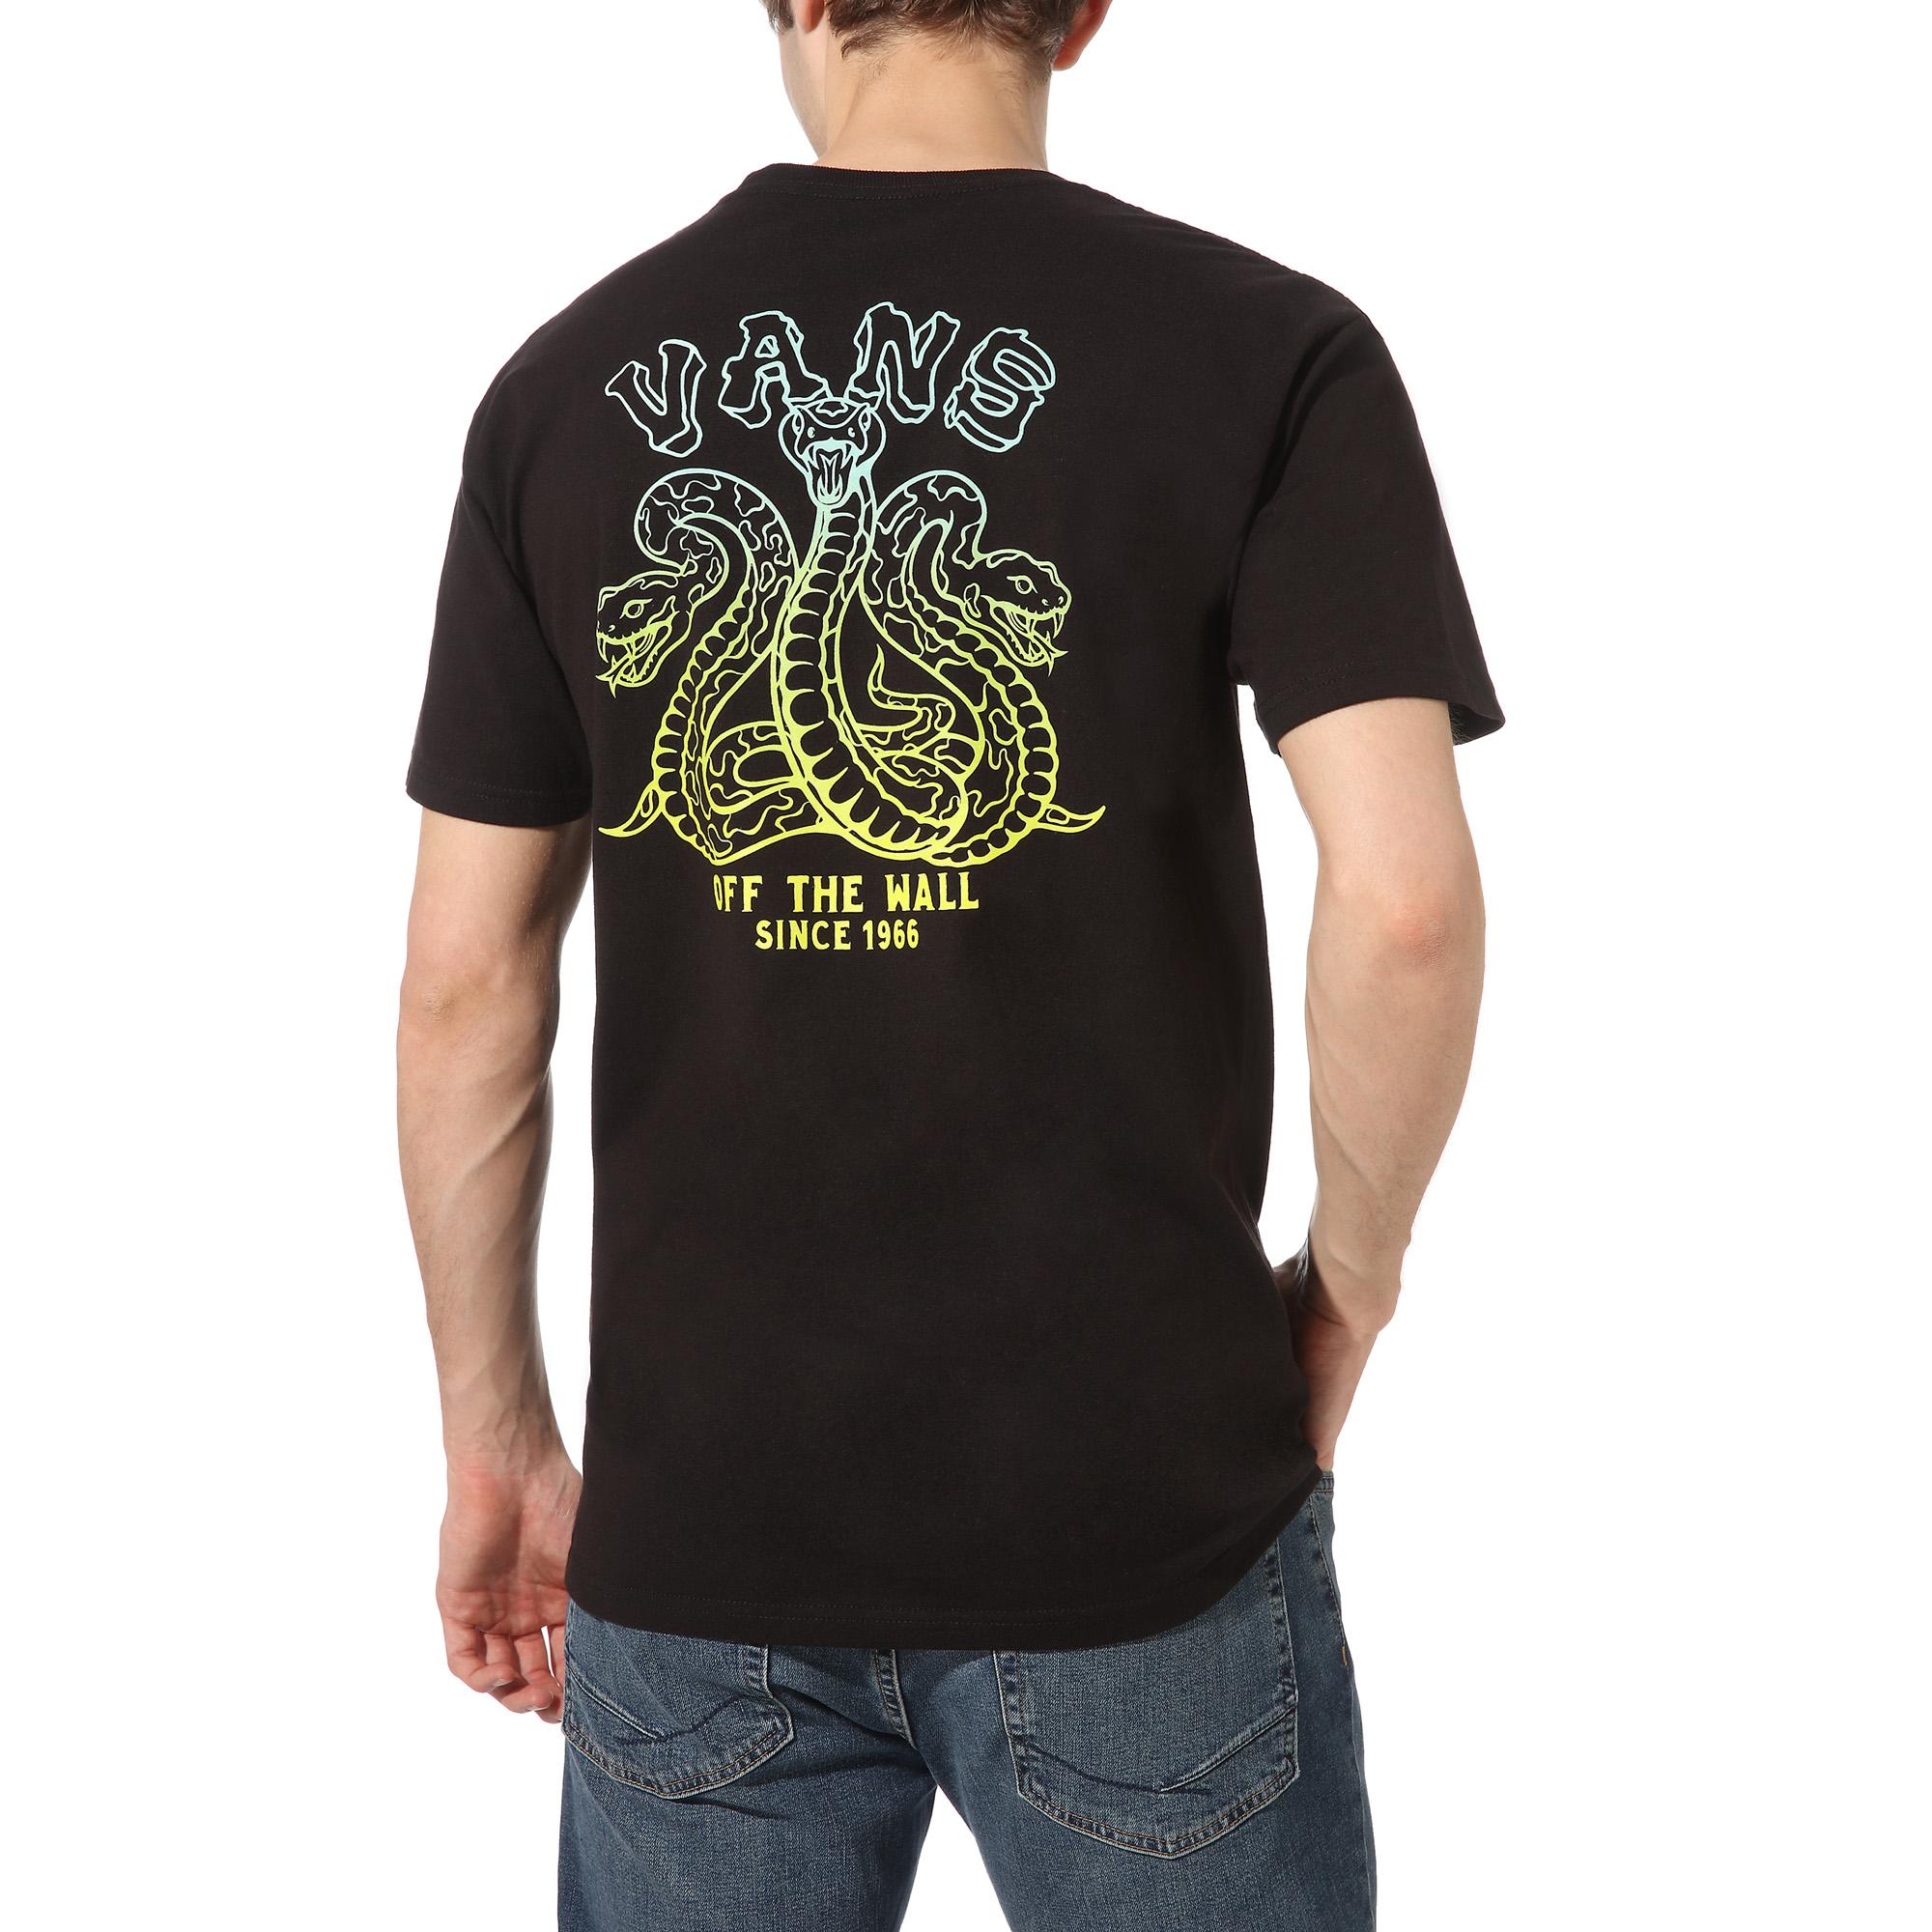 Vans Tres Culebras t-shirt, black, x-small